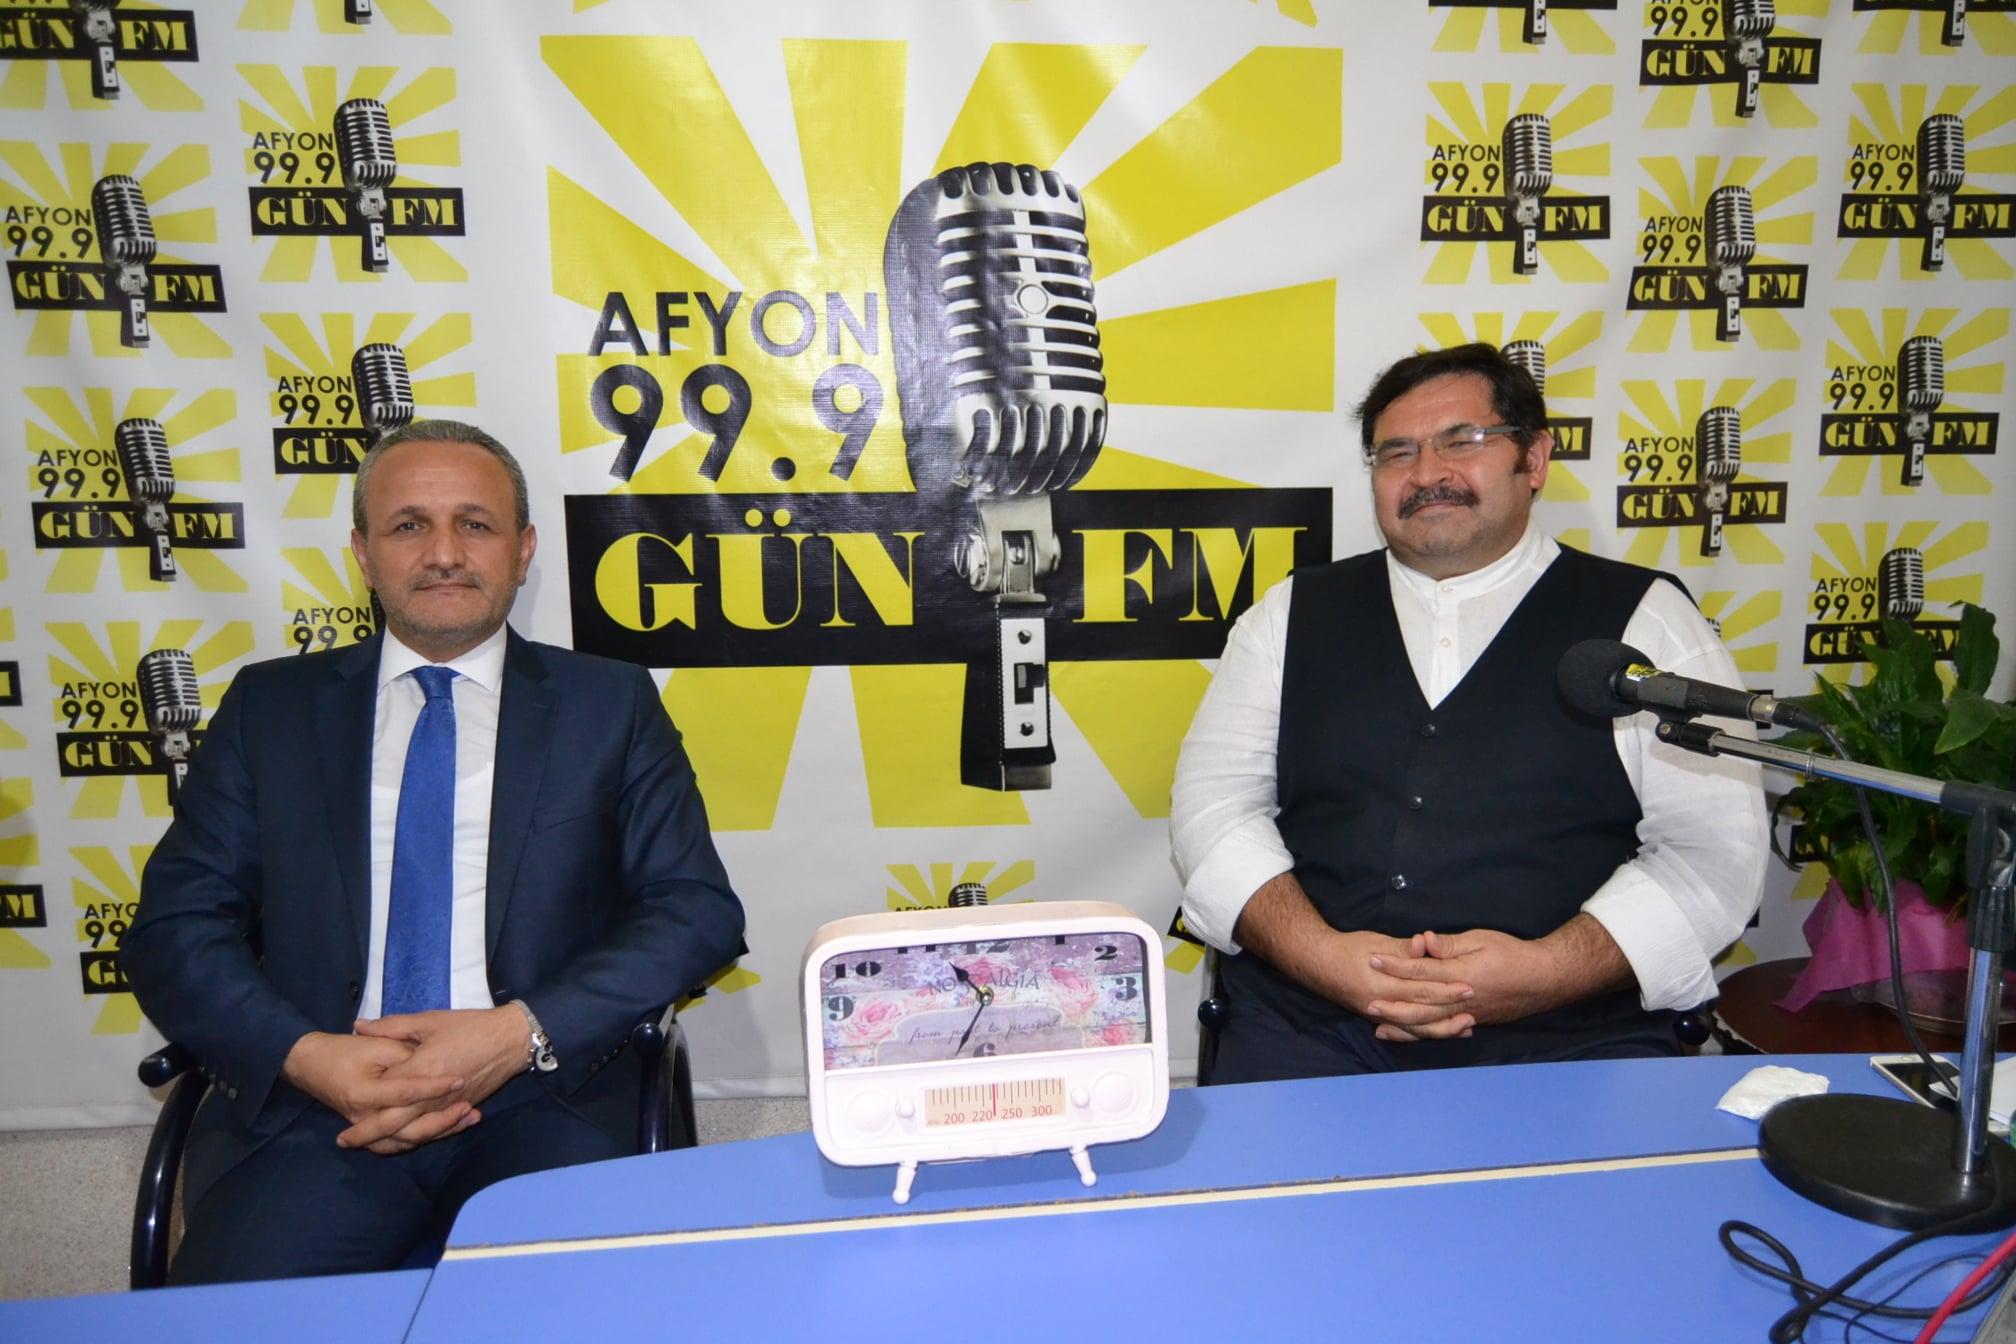 Kazancı Gün FM'in konuğu oldu